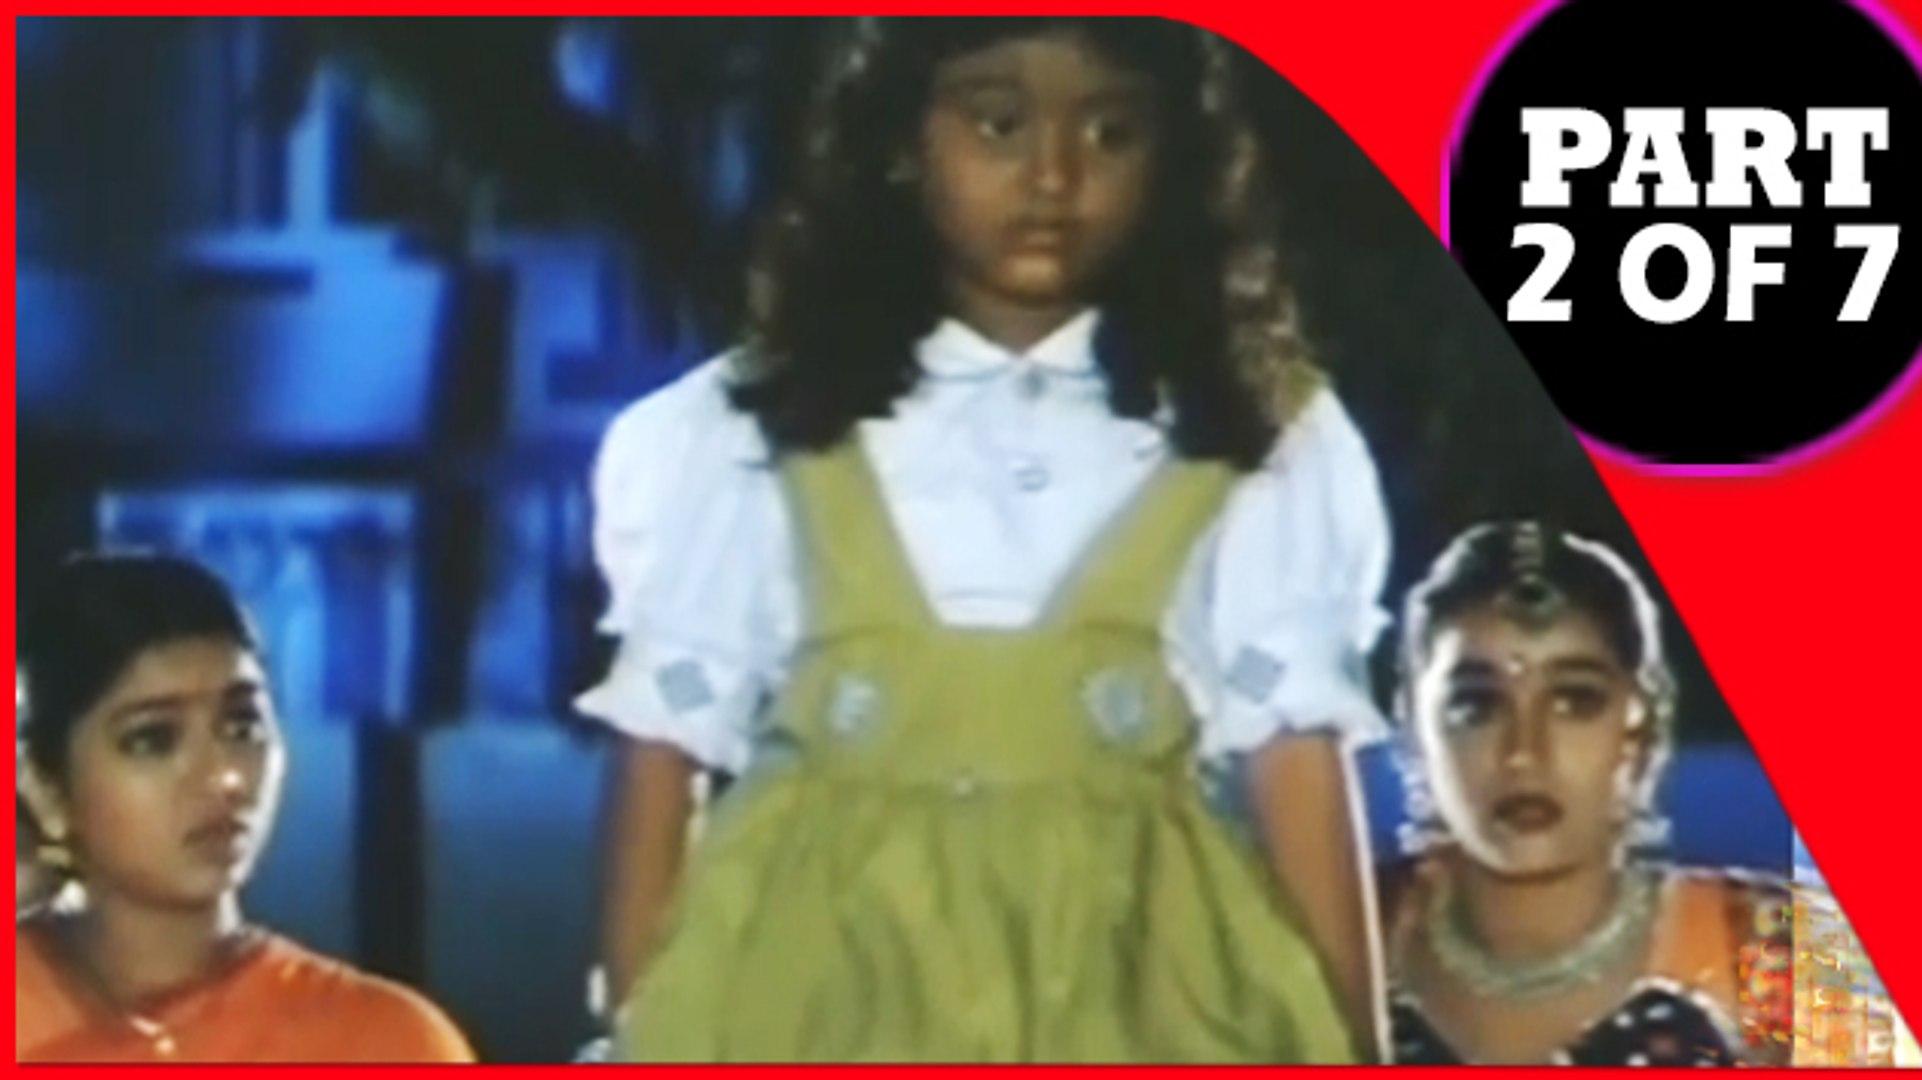 King Solaman | Malayalam Film Part 2 of 7 | Rahman, NL. Sheeba